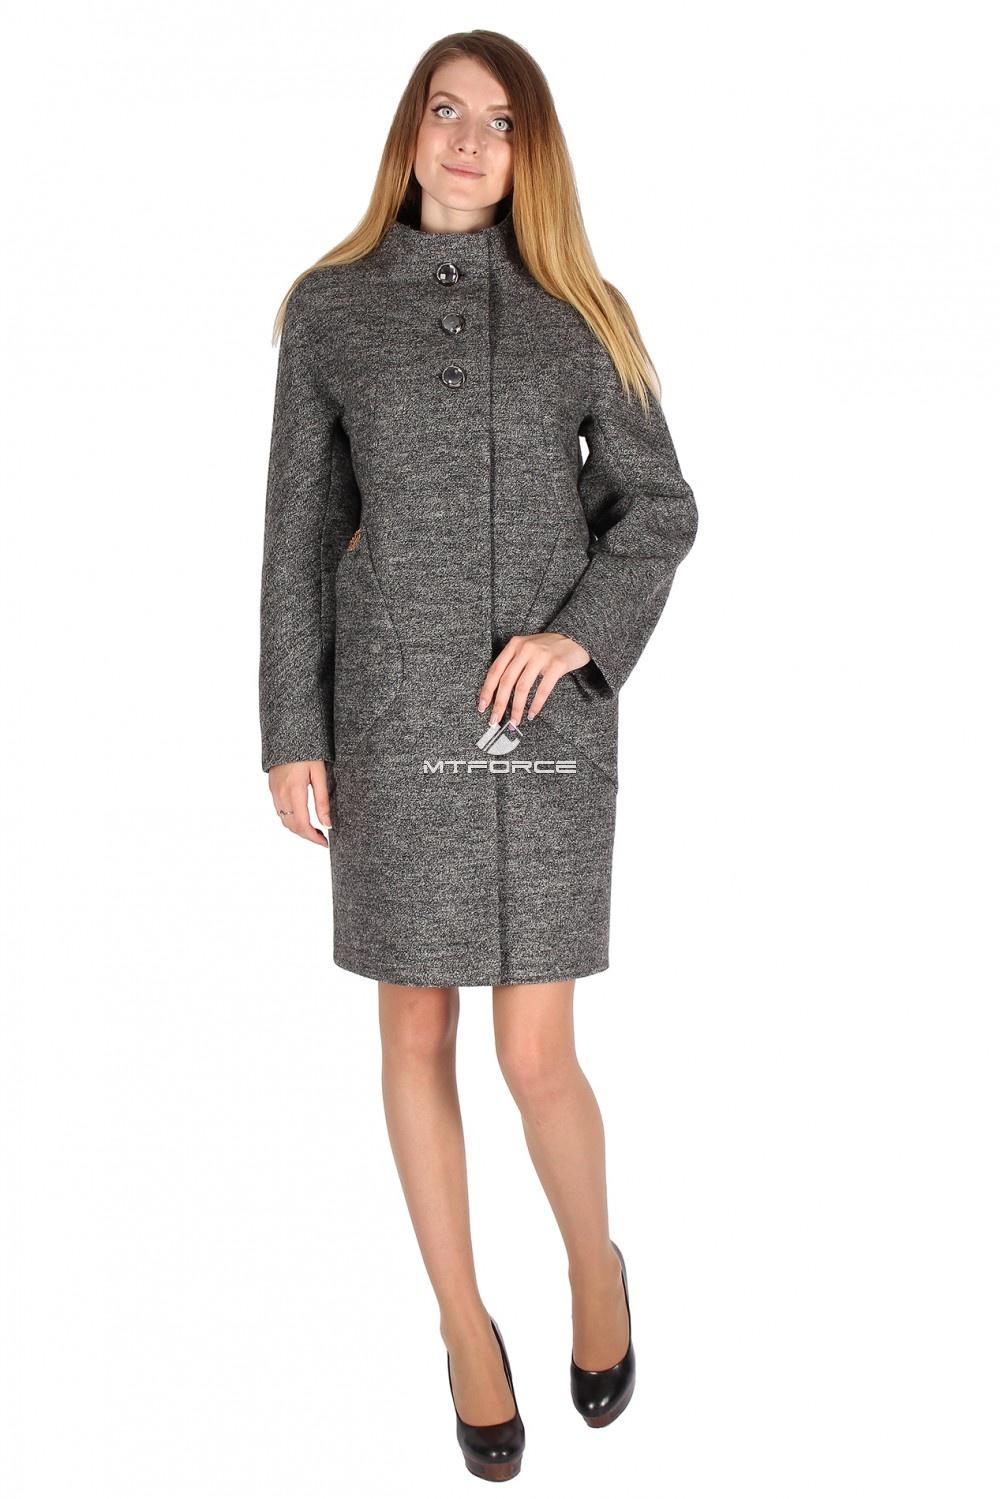 Купить                                  оптом Пальто женское темно-серый цвета 16291TC